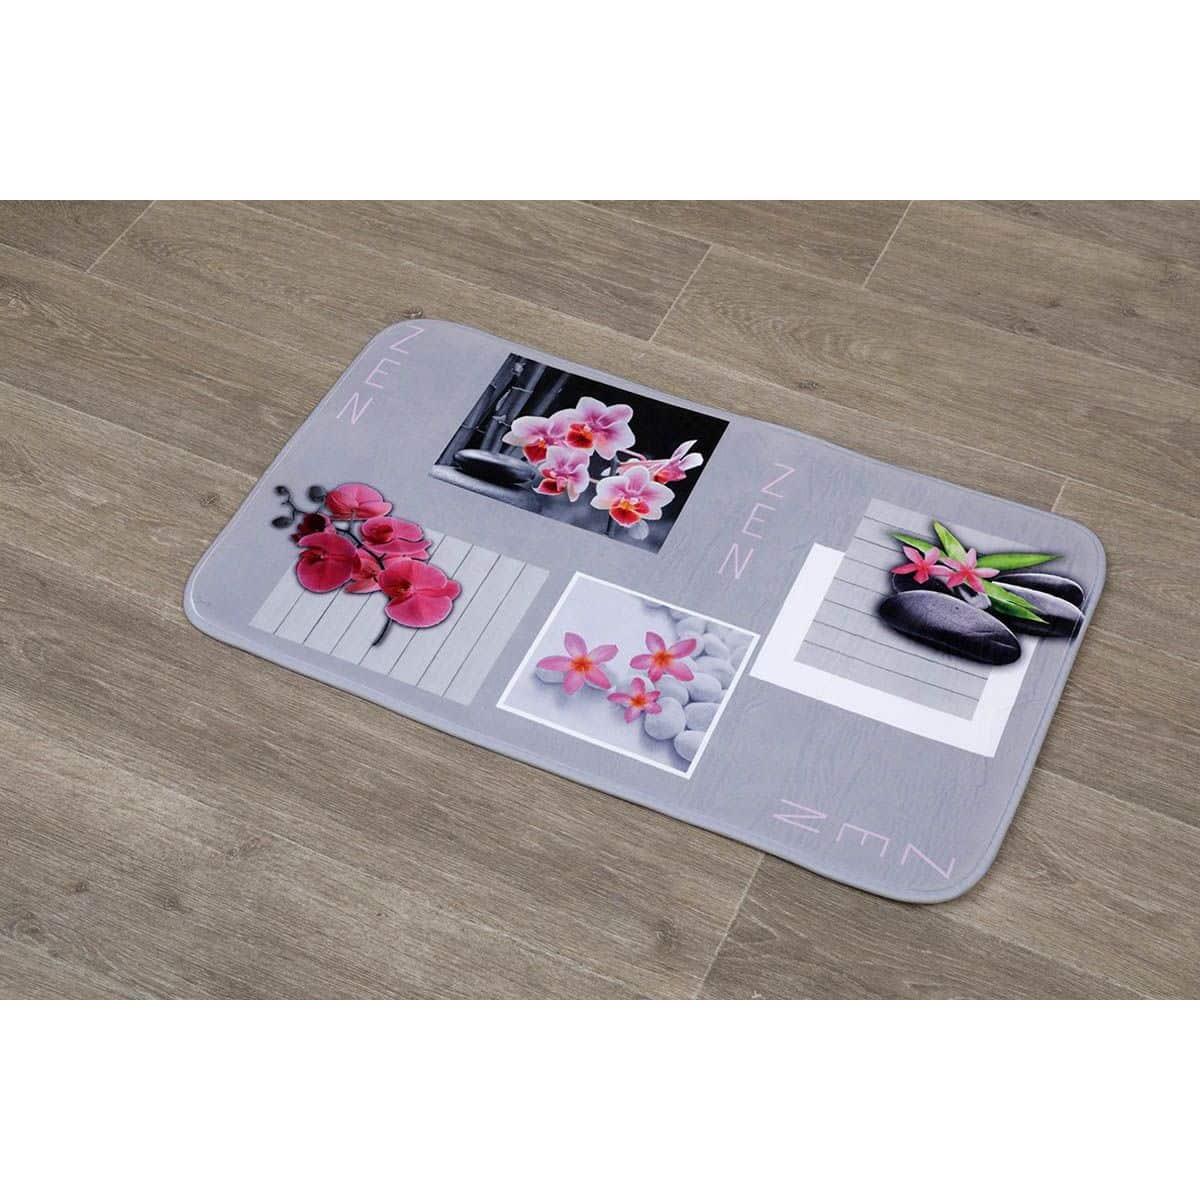 4goodz Zen Microvezel Badmat met orchidee print 45x75 cm roze